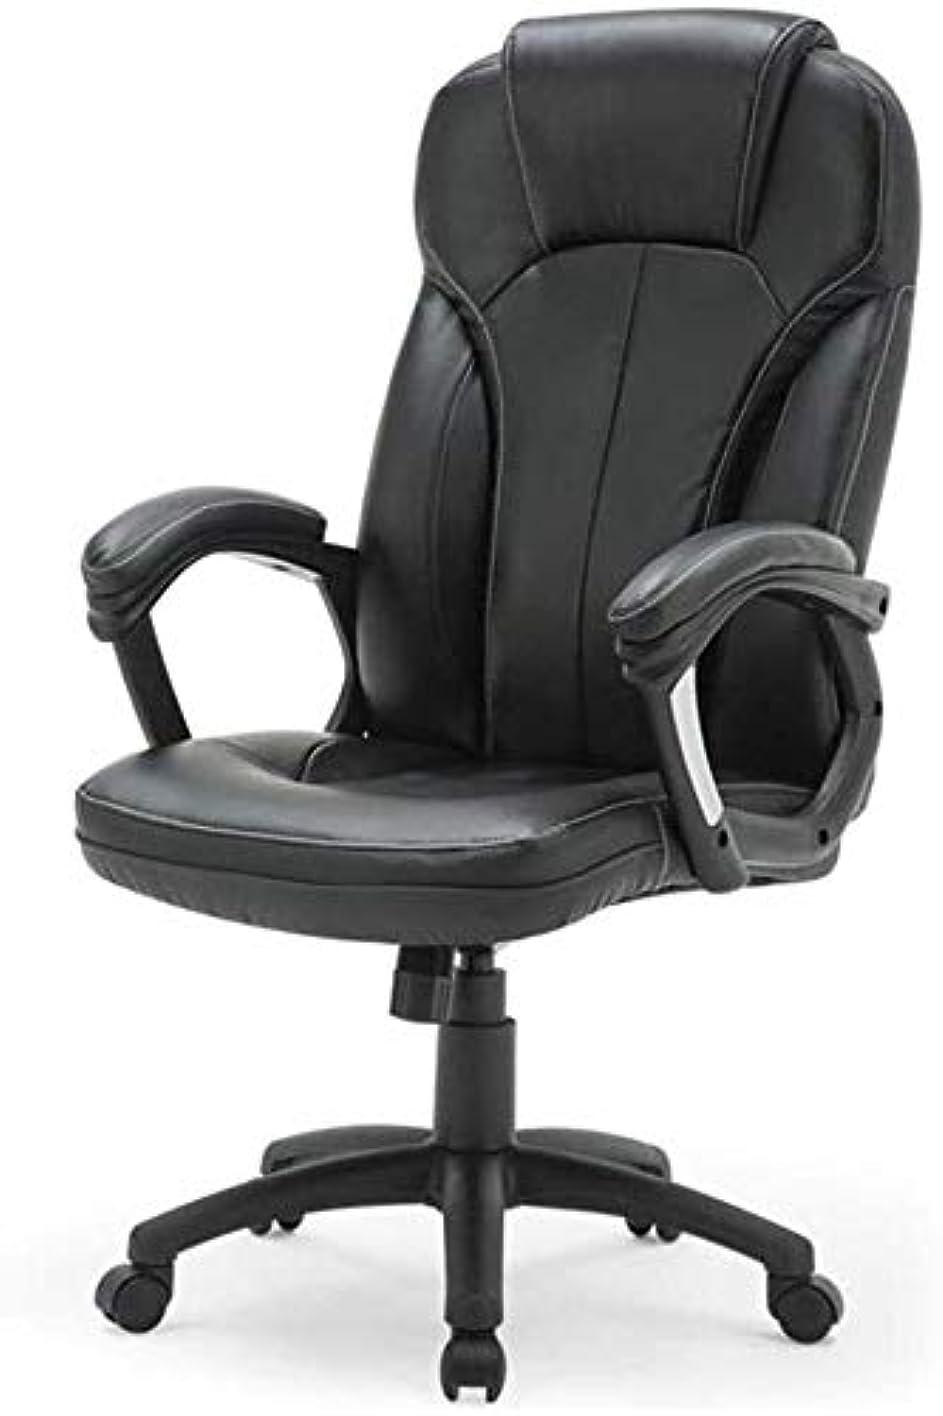 強要カウンターパートお手入れRUIMA 強い耐久性のある椅子オフィスチェアチルト機能エグゼクティブスイベルチェアナイロンベースのコンピュータチェア高さ調節が可能な43?51センチメートル